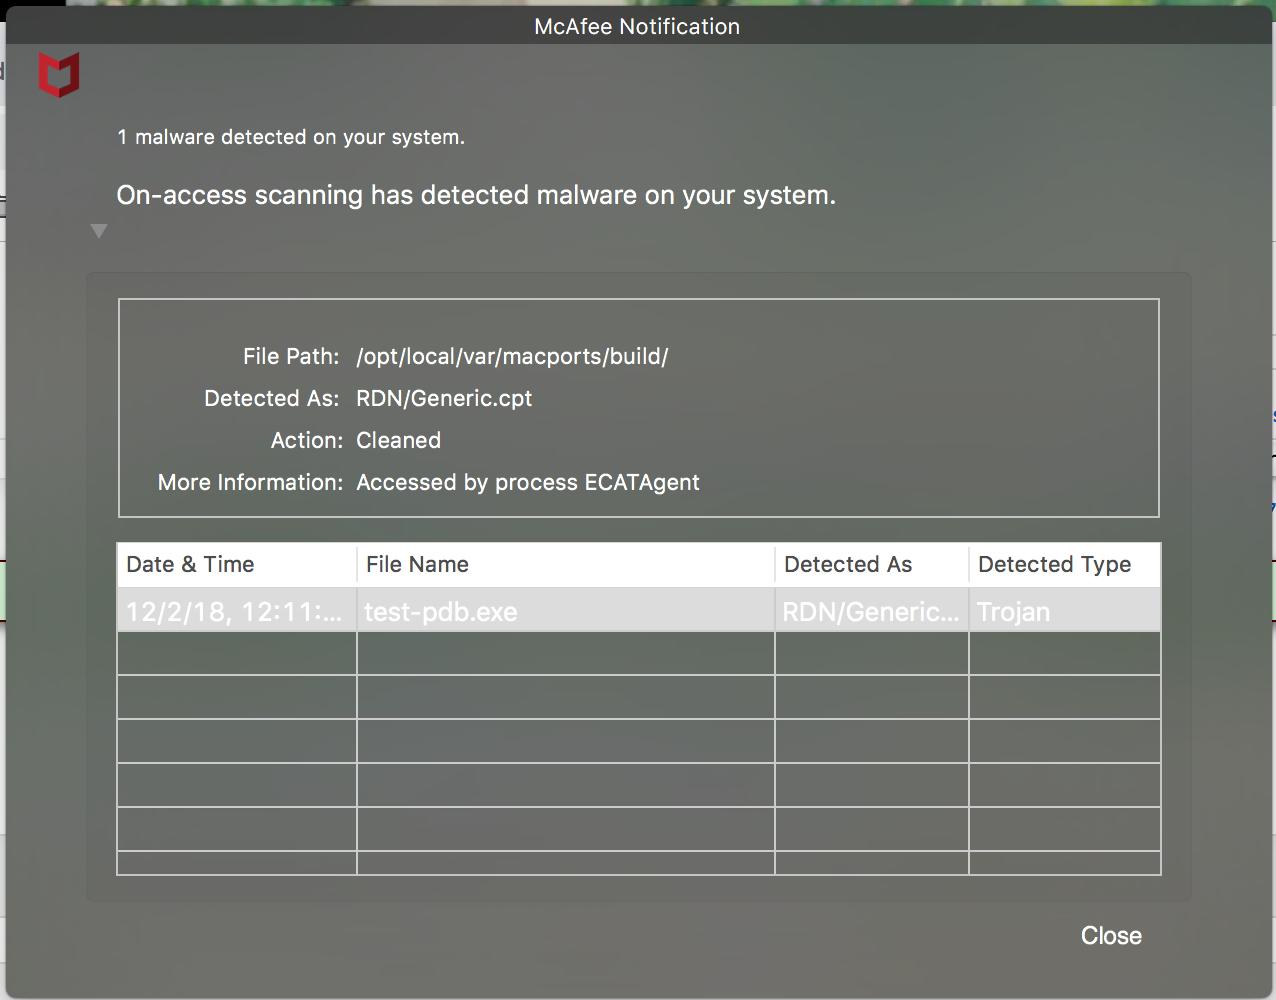 57713 (McAfee virus scanner caught something in 'test-pdb